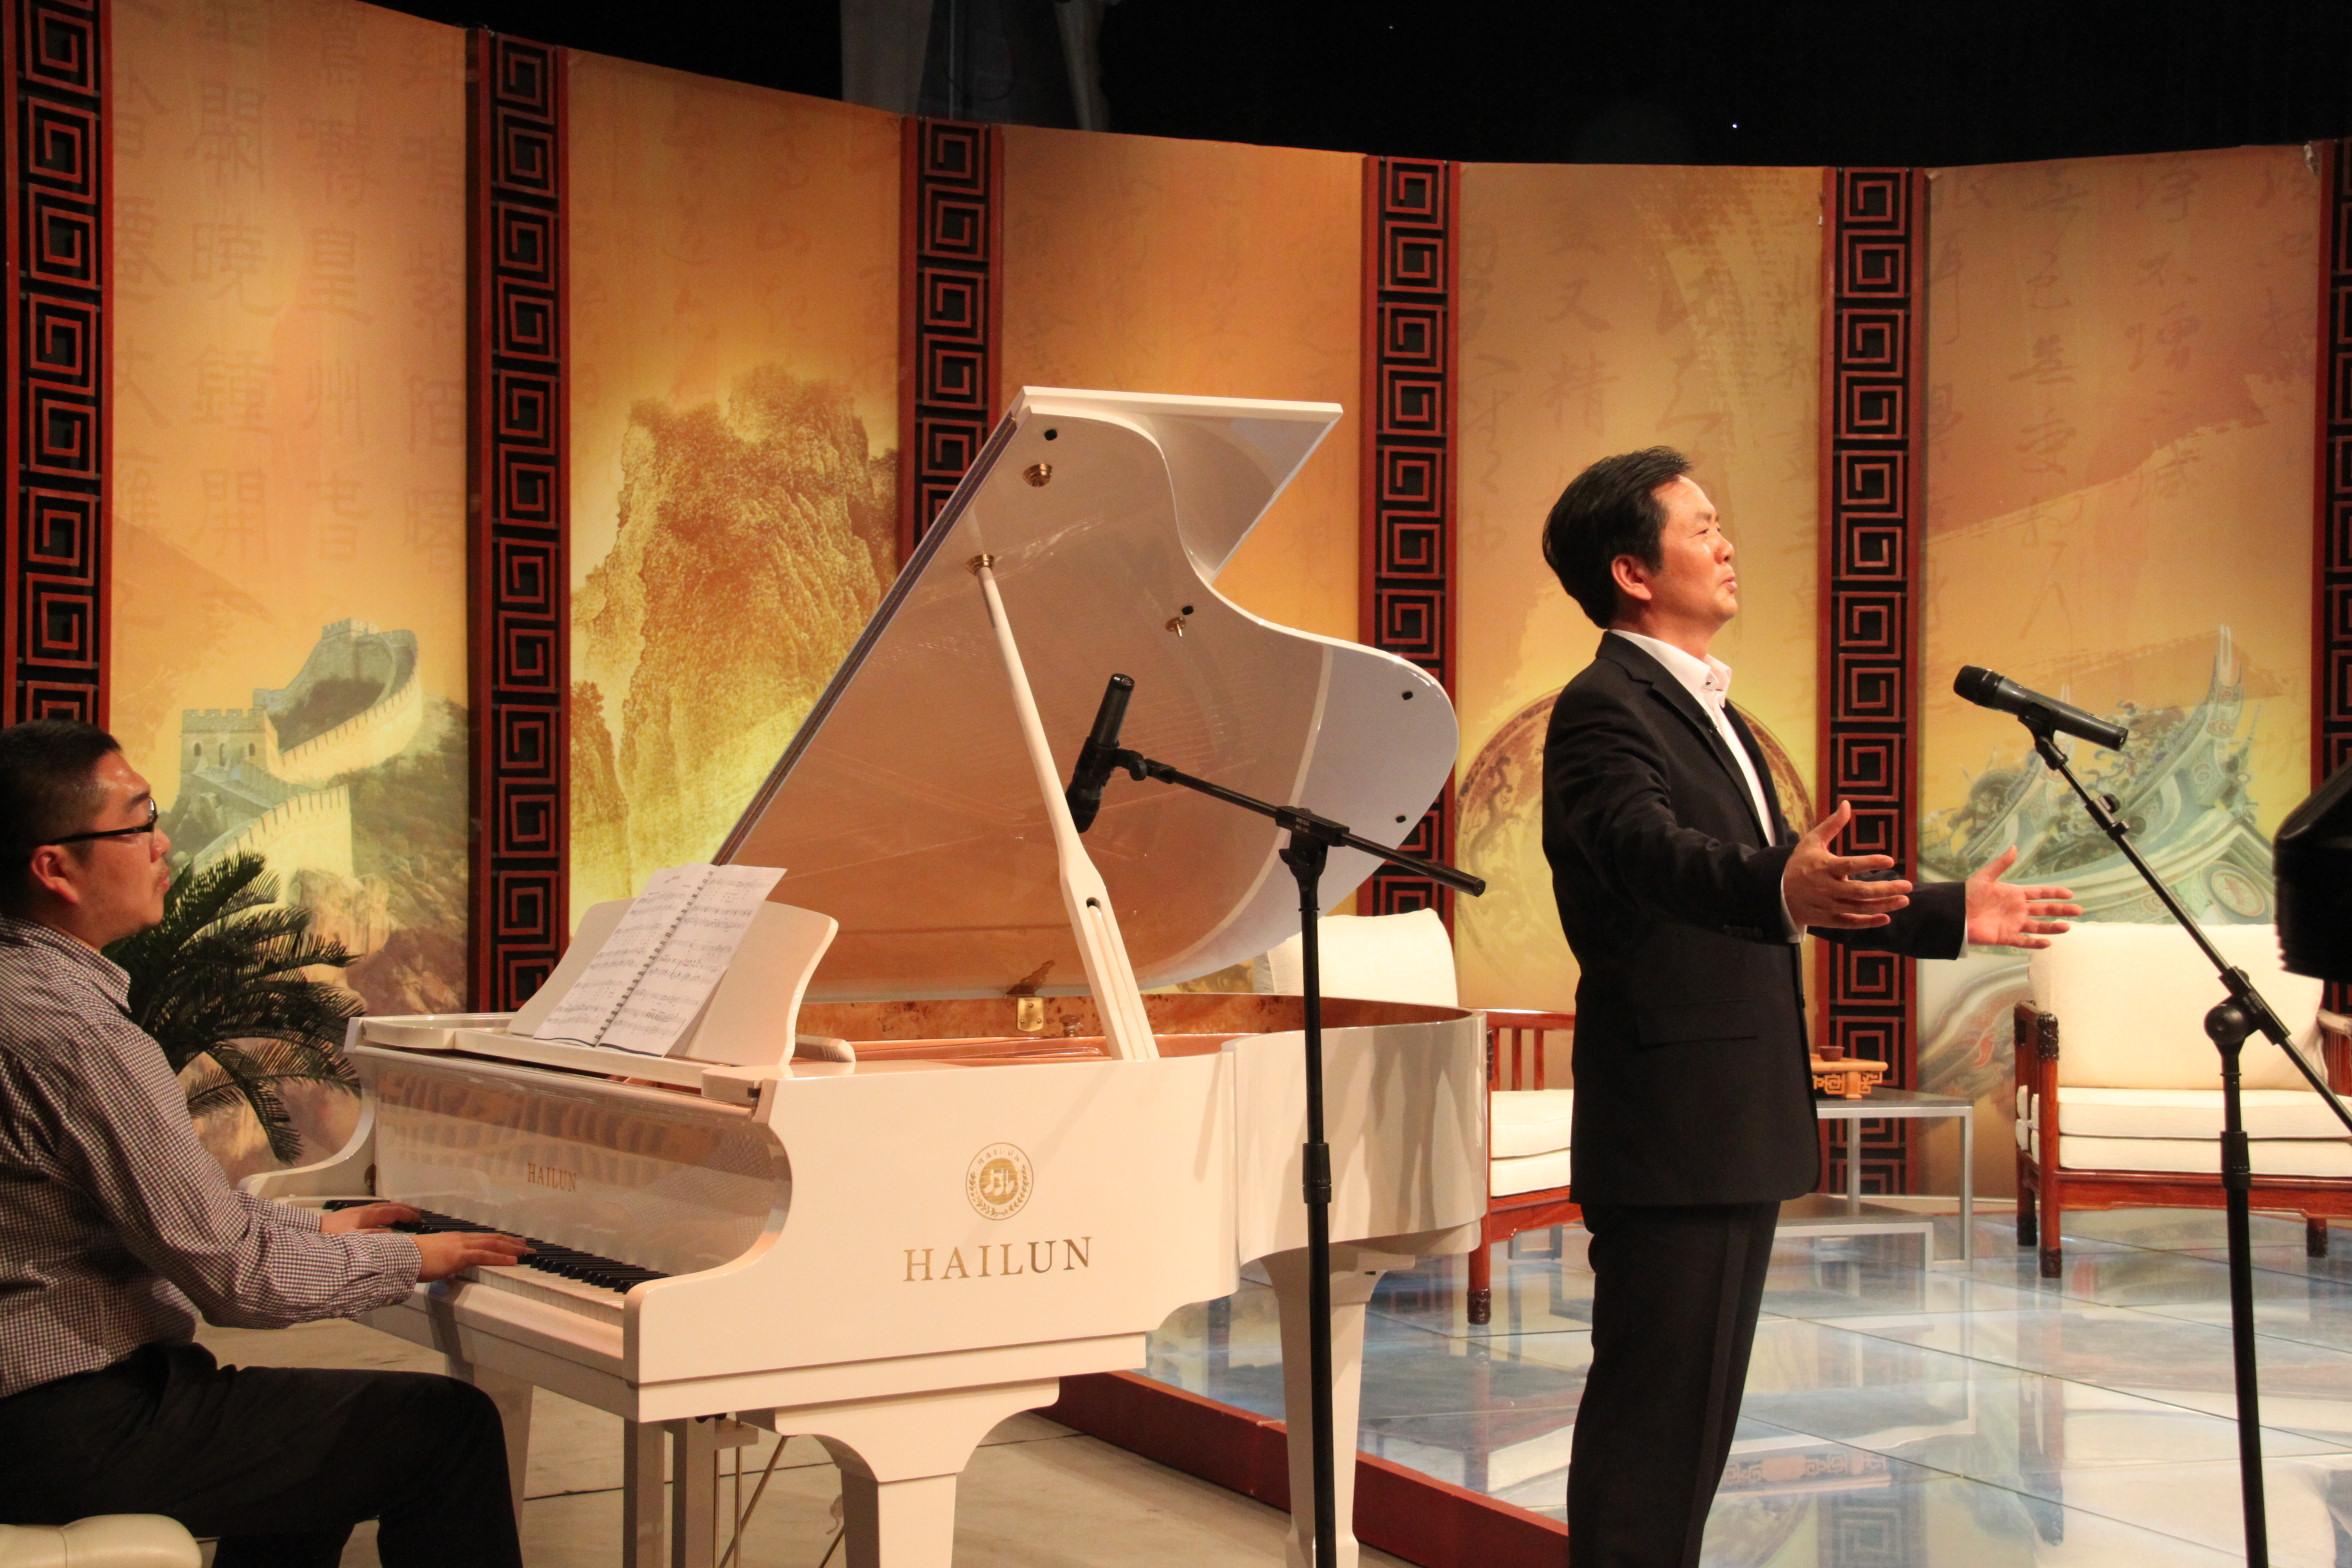 海伦钢琴股份有限公司丨8718企业库丨相关报道